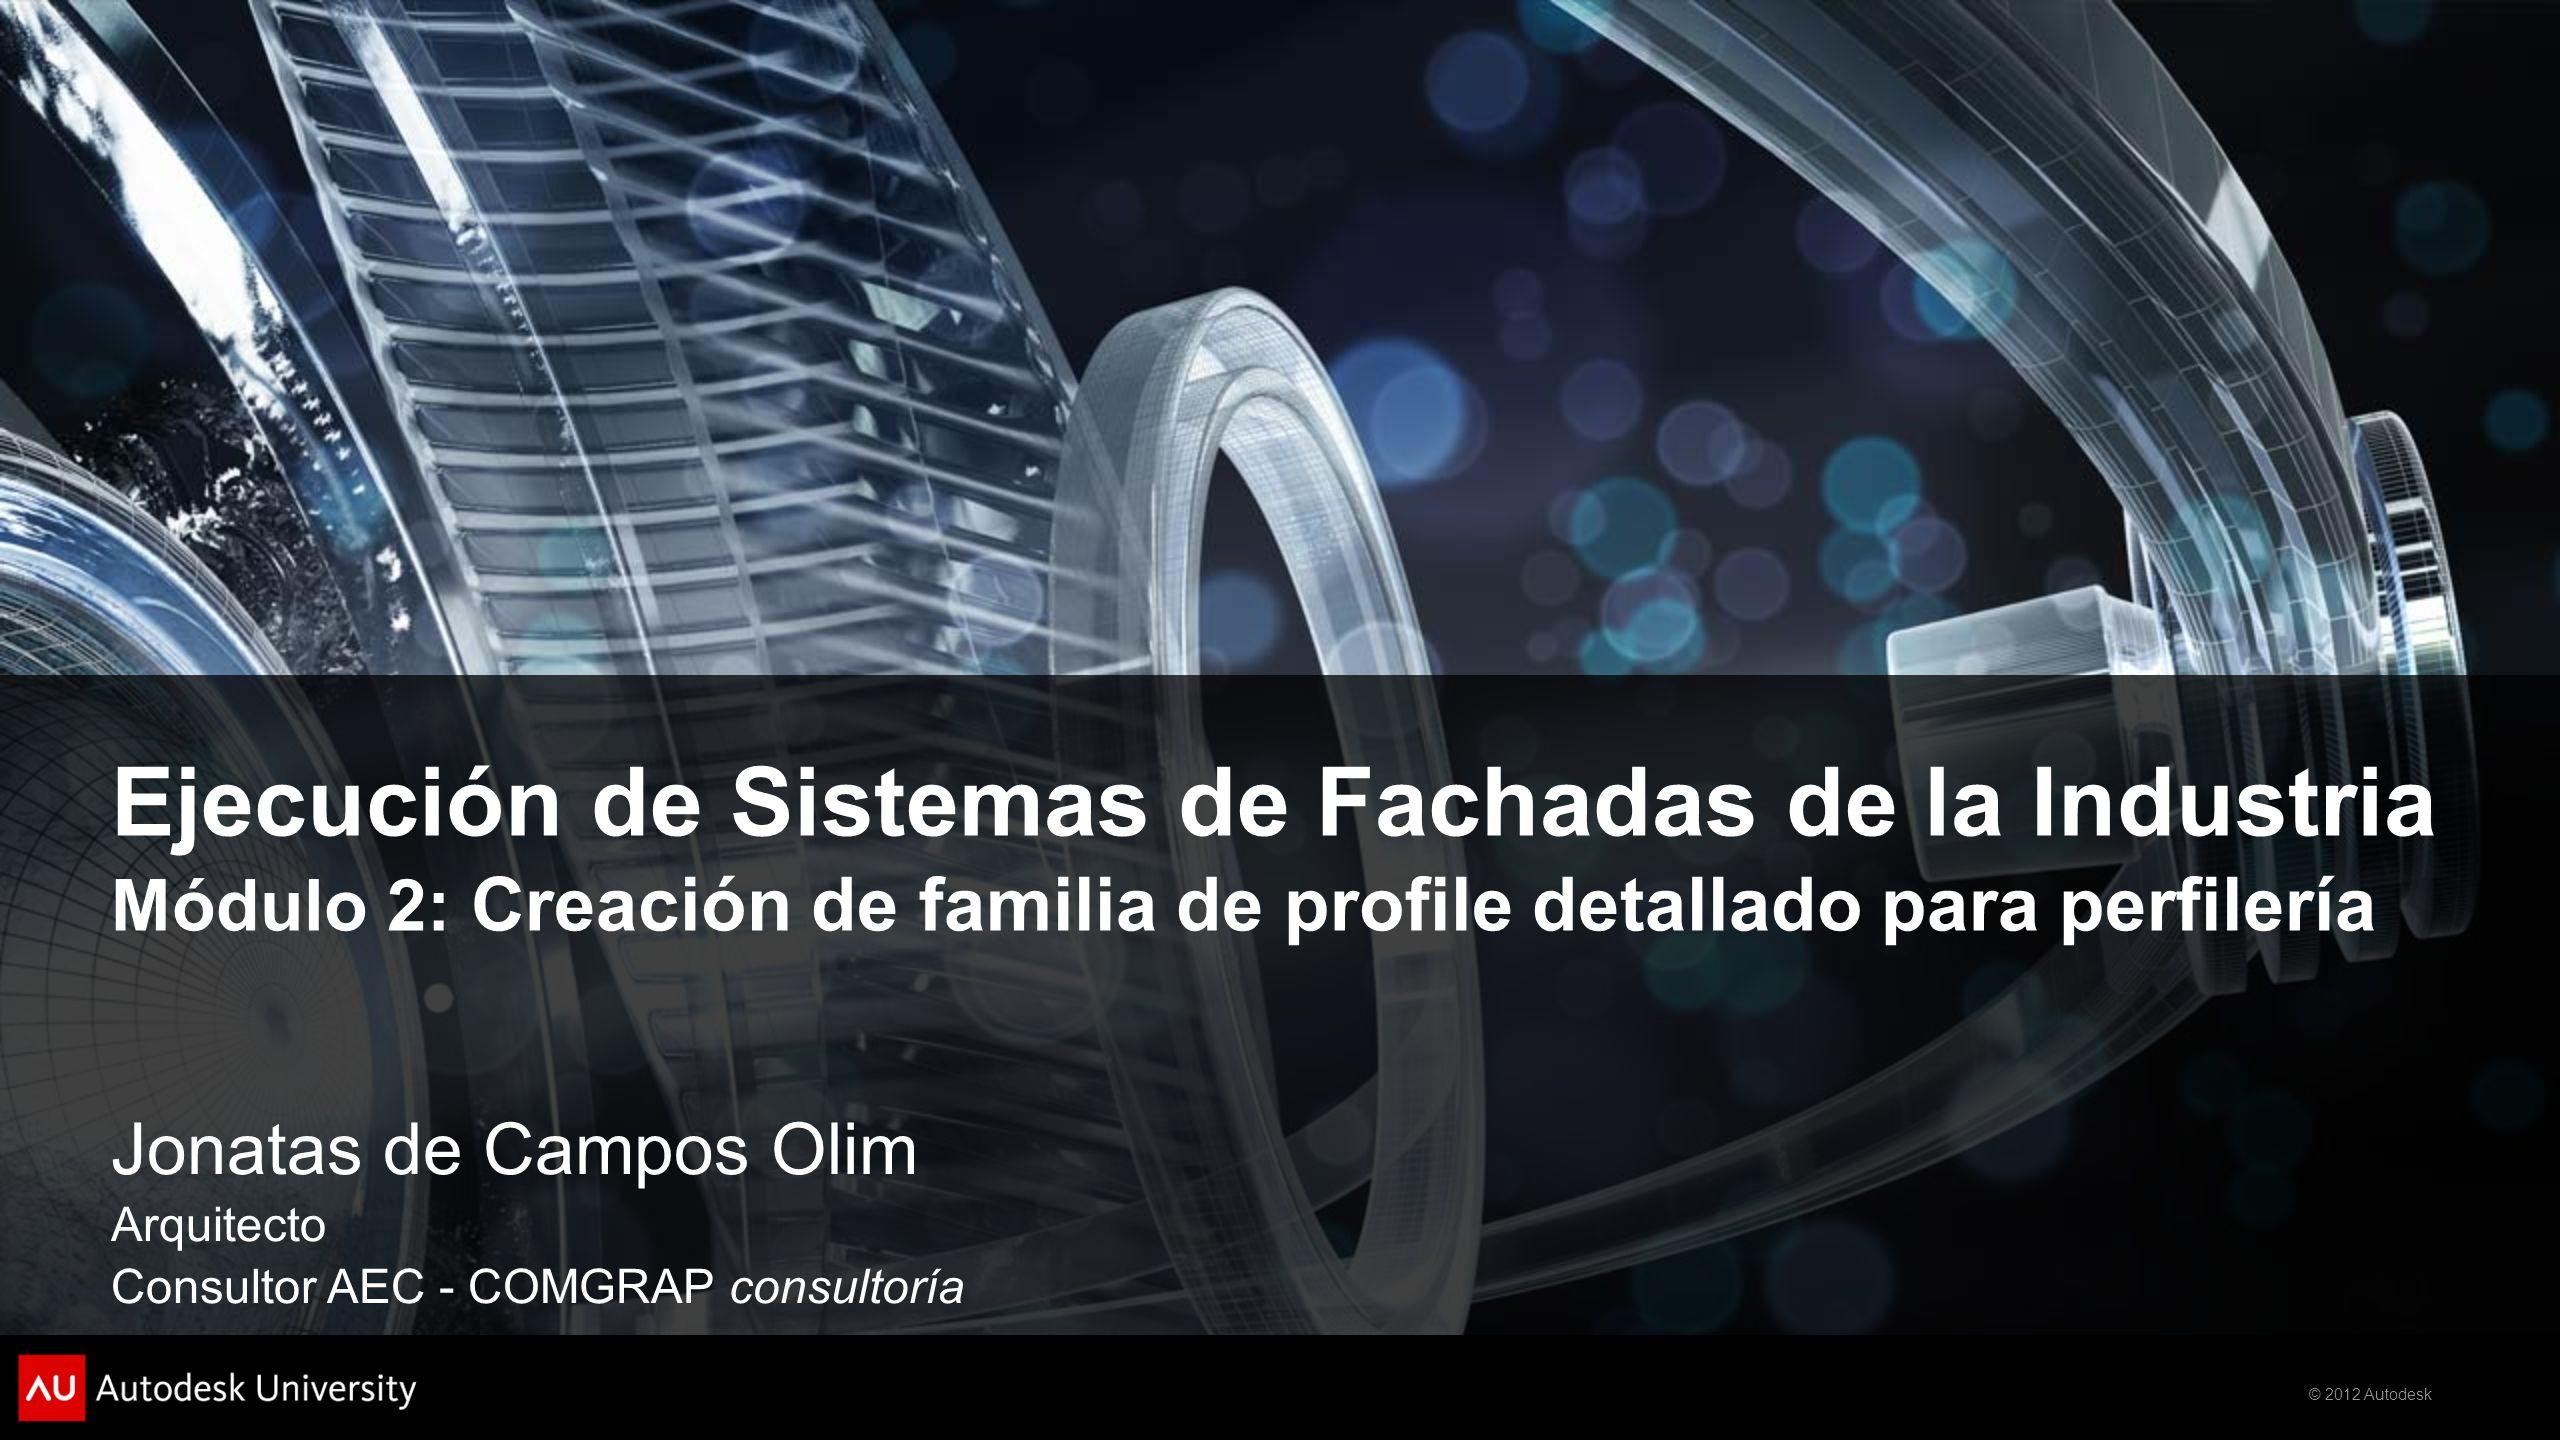 © 2012 Autodesk Ejecución de Sistemas de Fachadas de la Industria Módulo 2: Creación de familia de profile detallado para perfilería Jonatas de Campos Olim Arquitecto Consultor AEC - COMGRAP consultoría